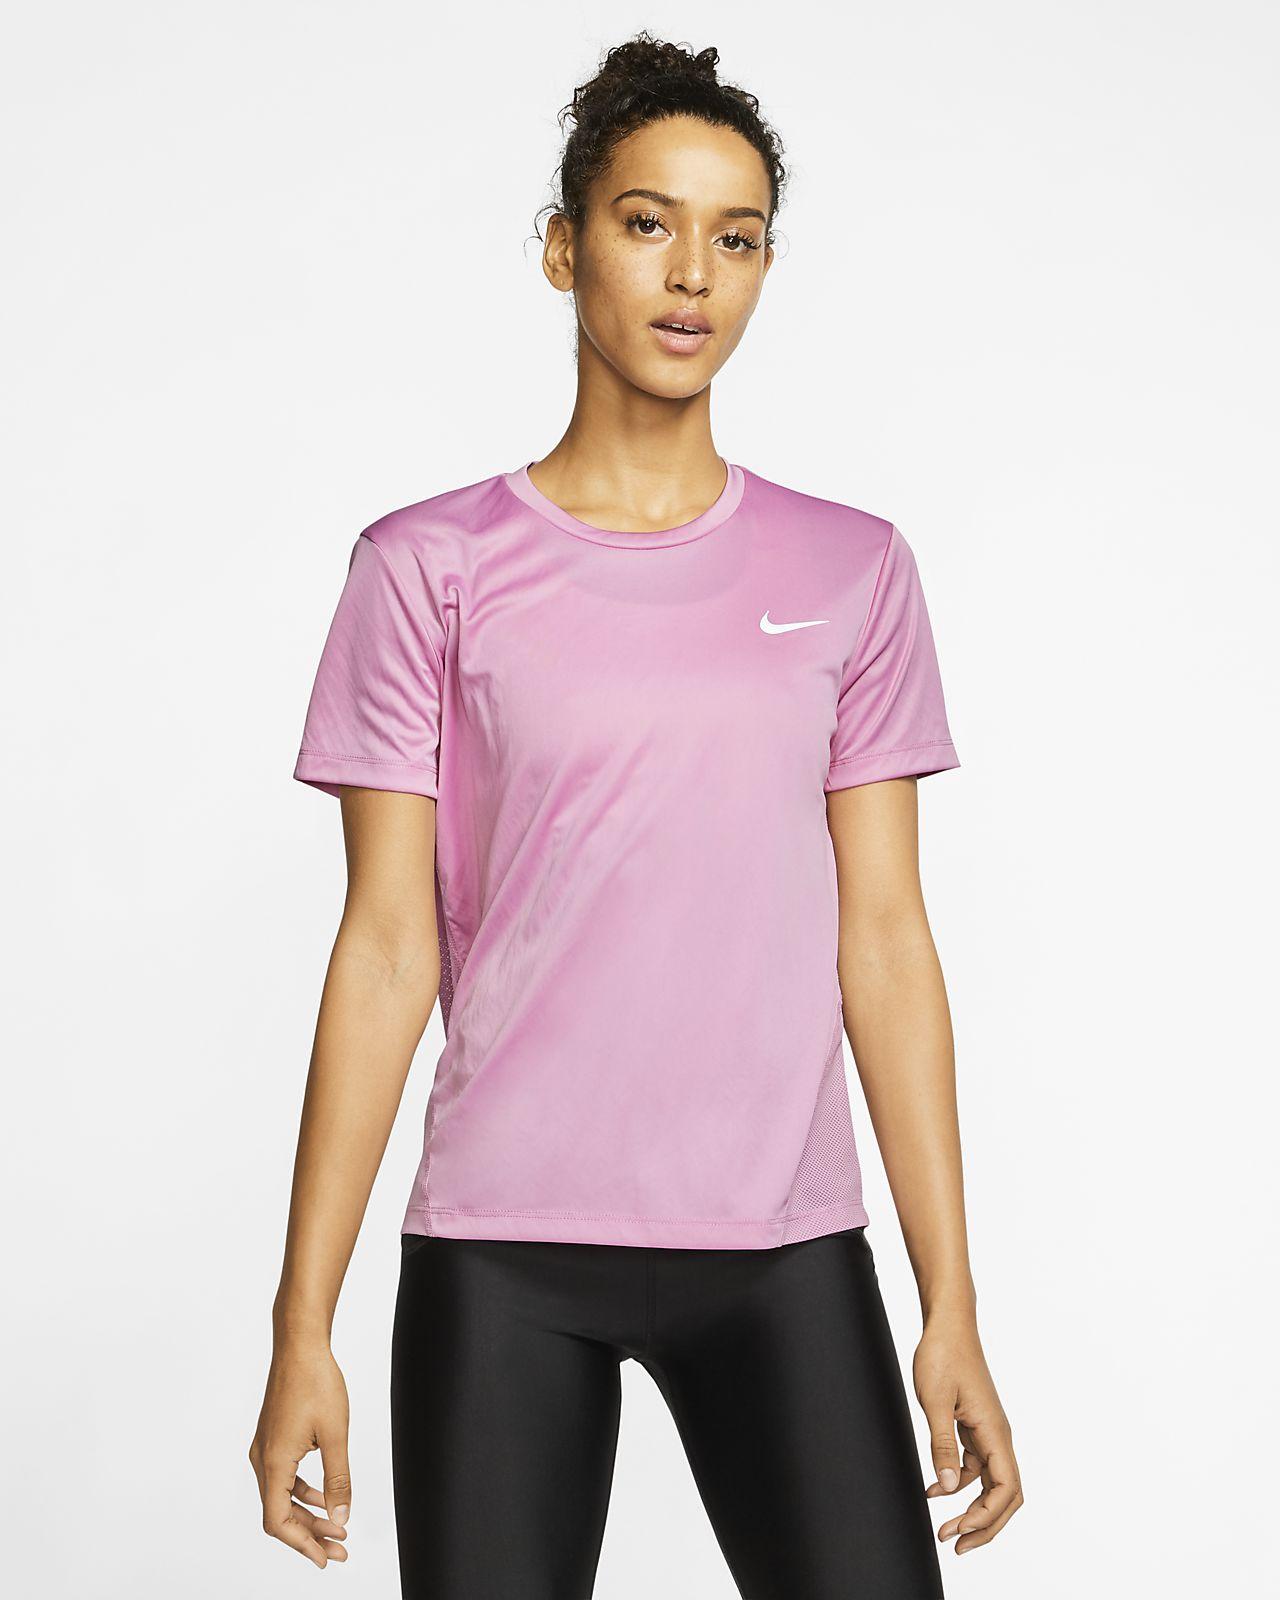 Nike Damska koszulka z krótkim rękawem do biegania Miler